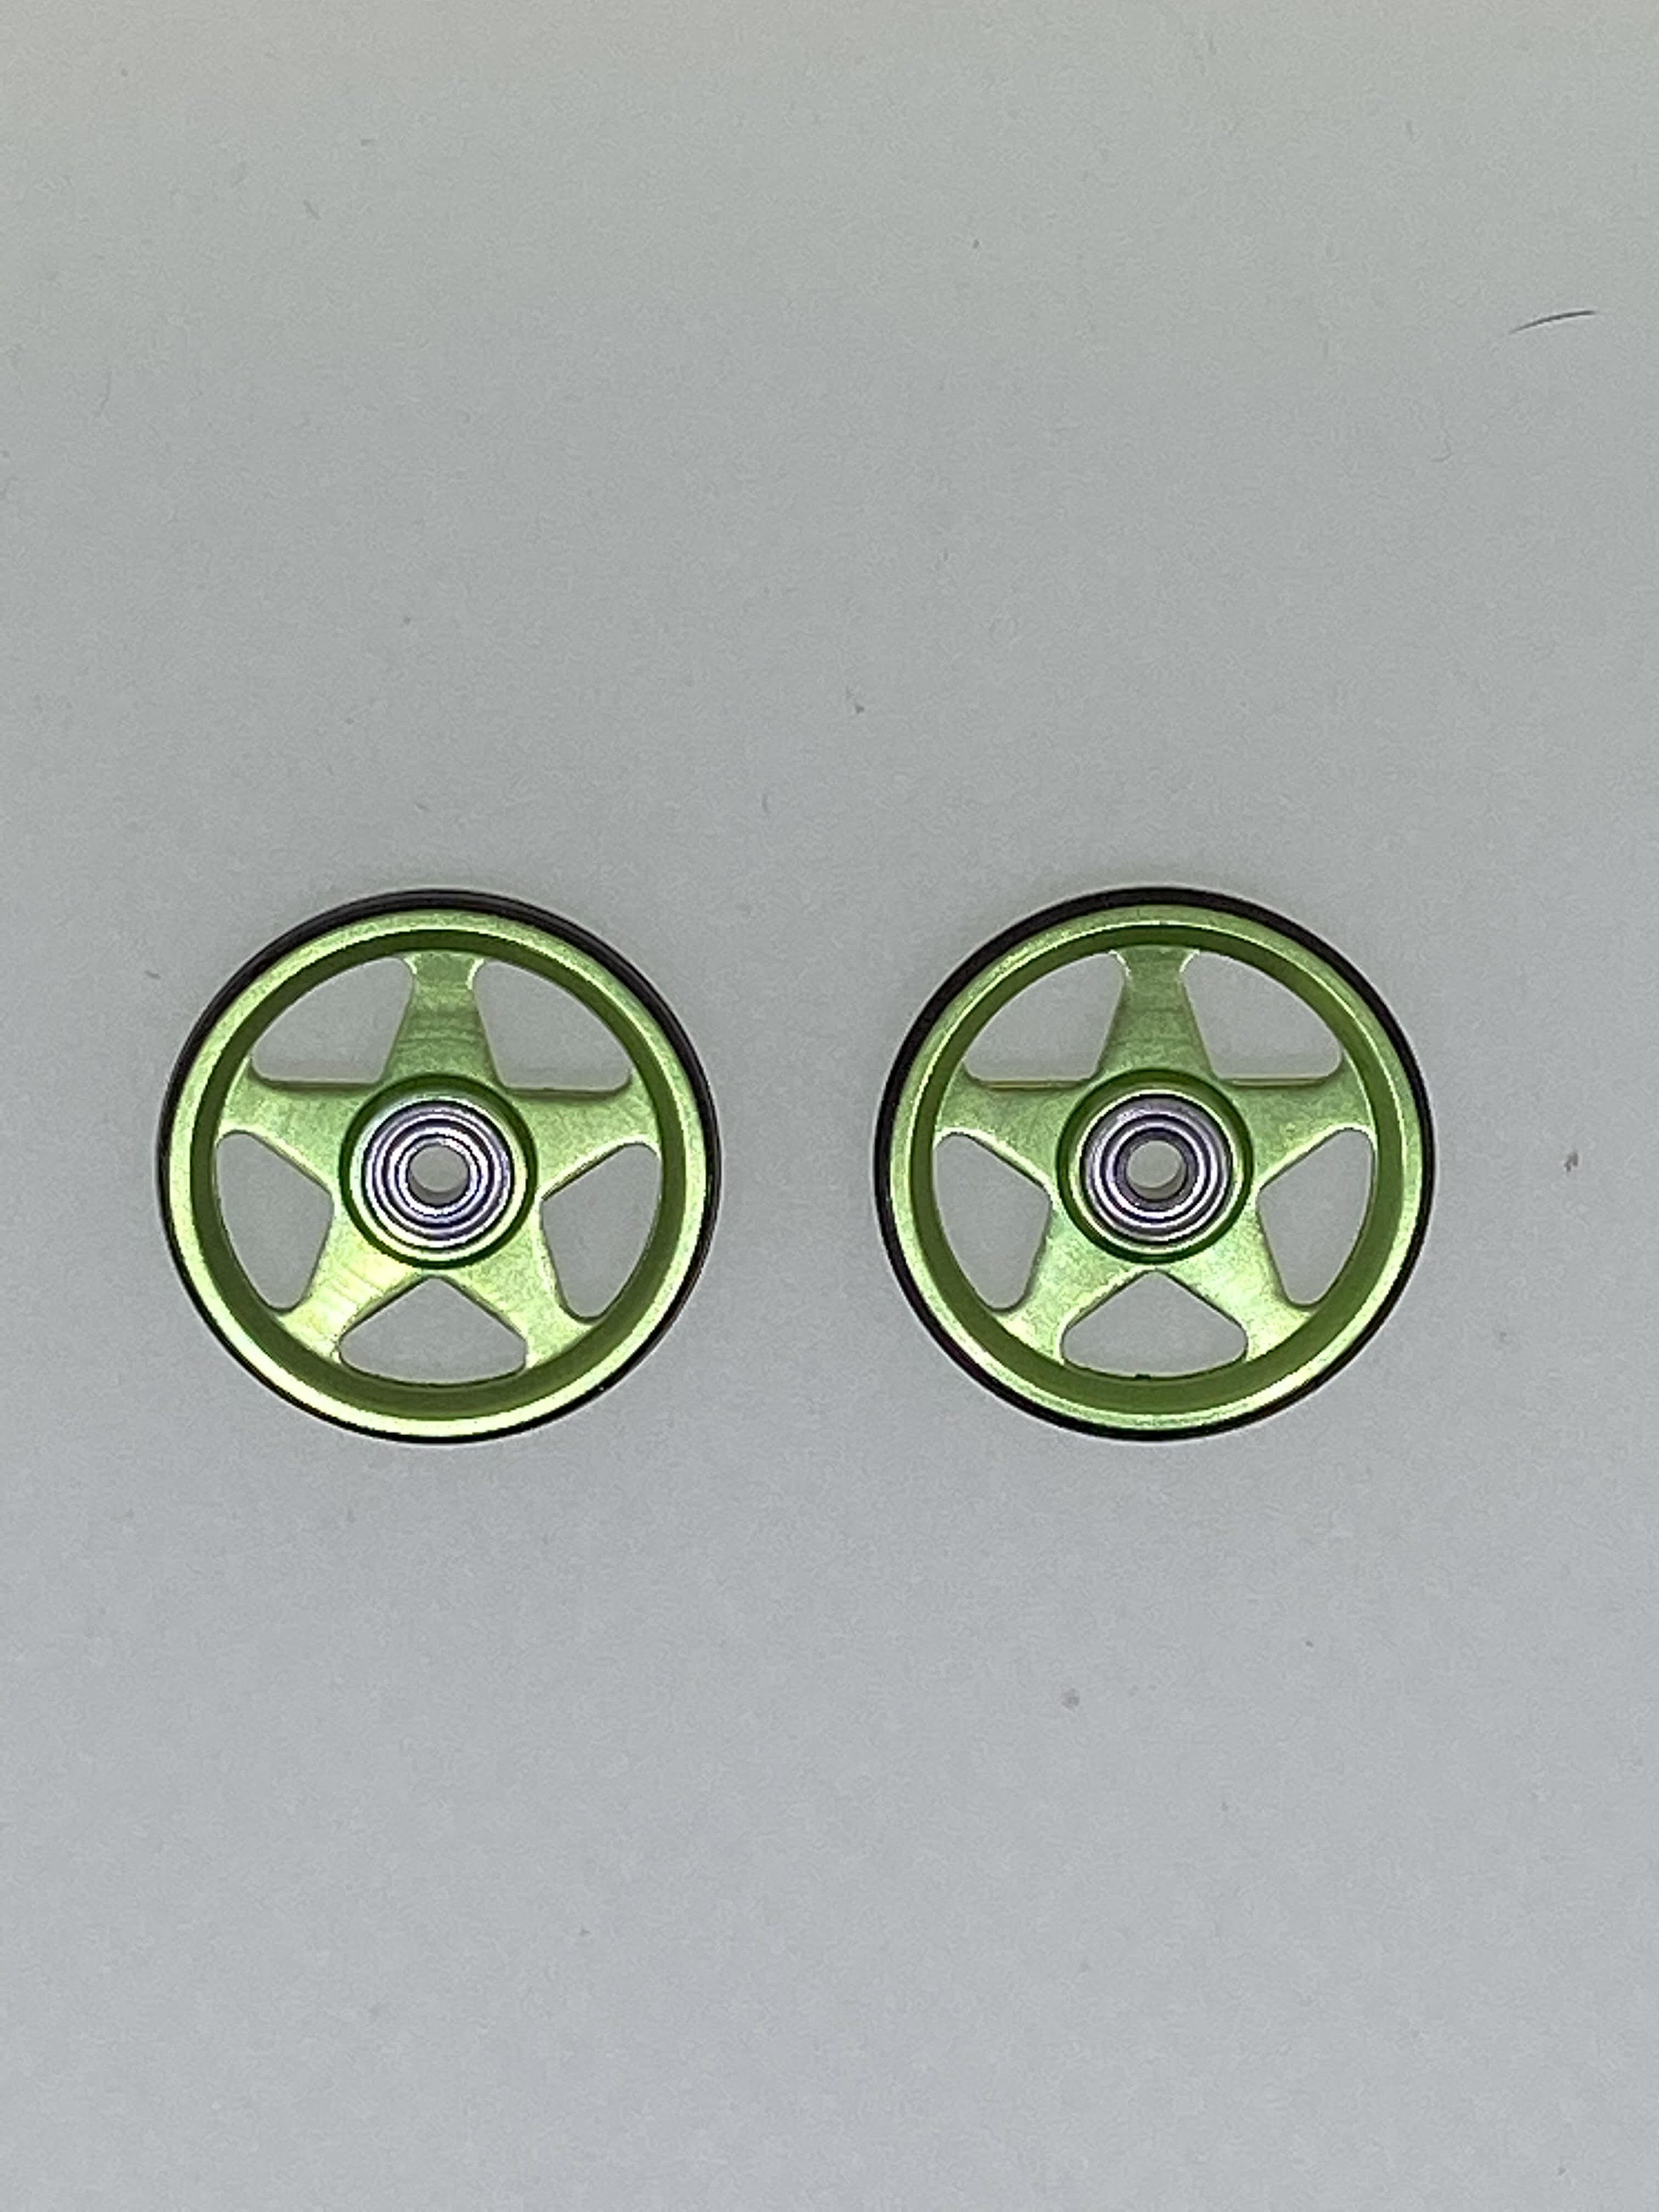 IKT加工ローラー 5本スポーク 緑/黒